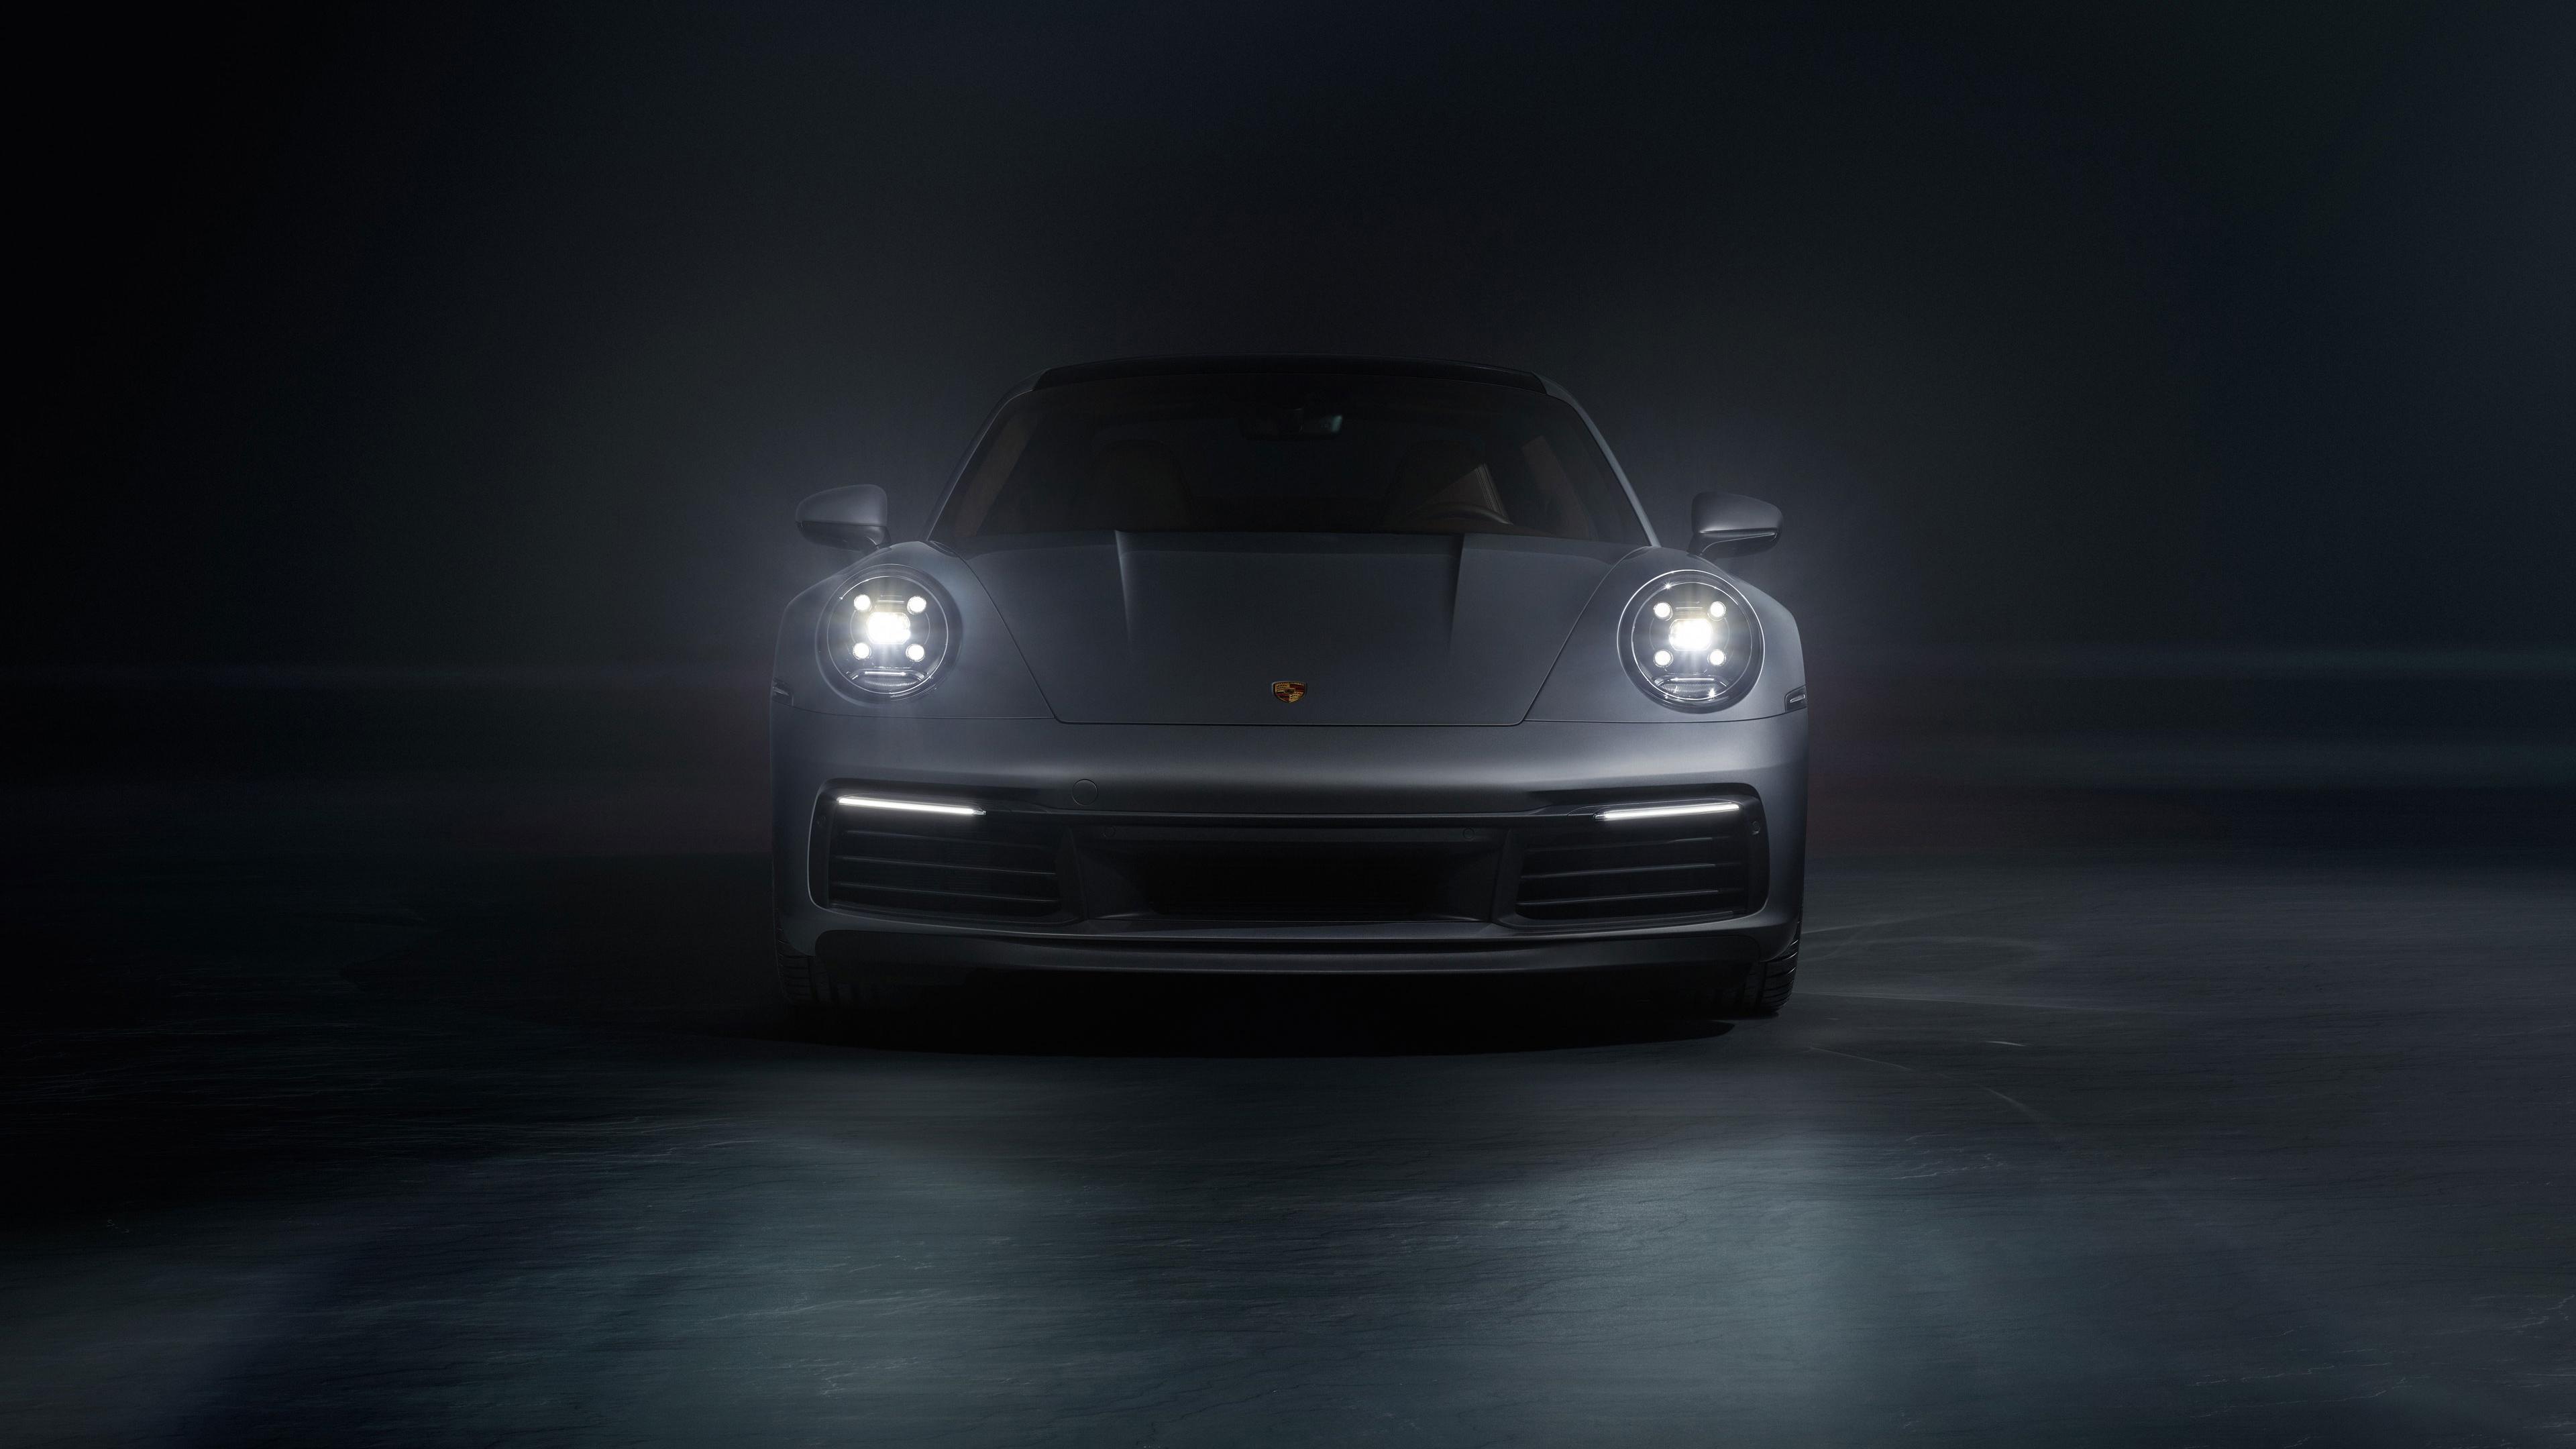 Porsche 911 Carrera S 2019 4k 2 Wallpaper Hd Car Wallpapers Id 11618